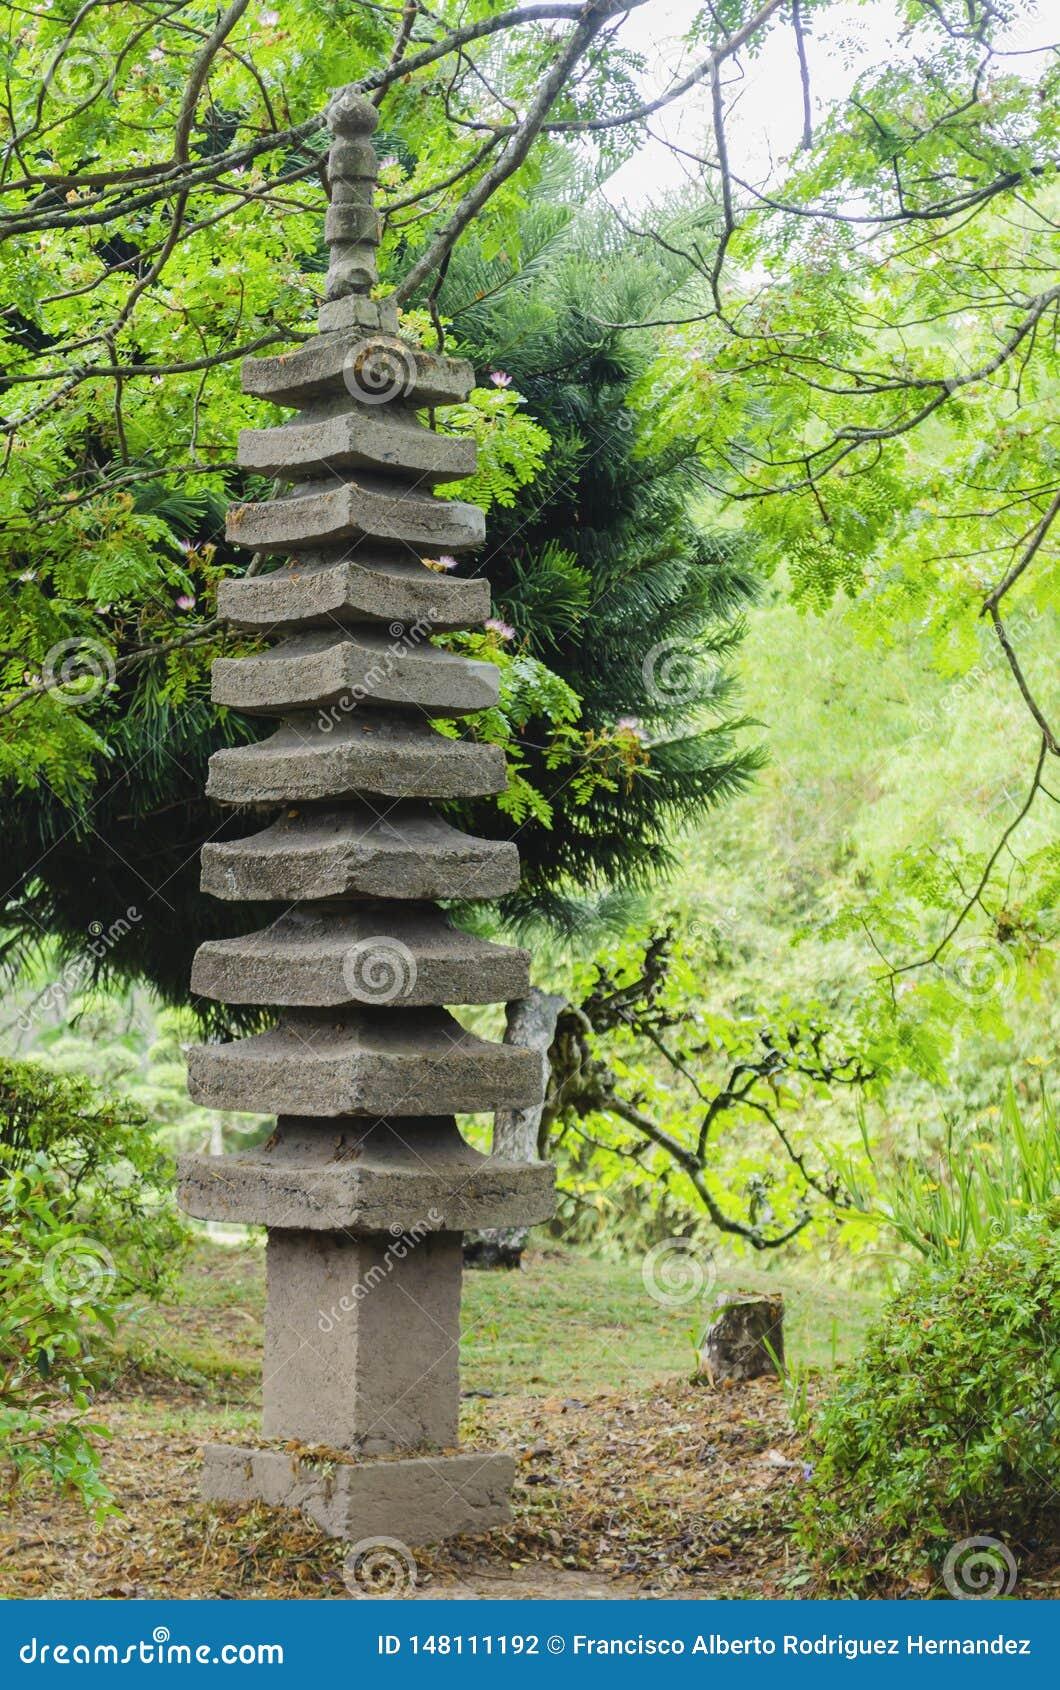 Ιαπωνικό φανάρι κήπων γρανίτη που περιβάλλεται